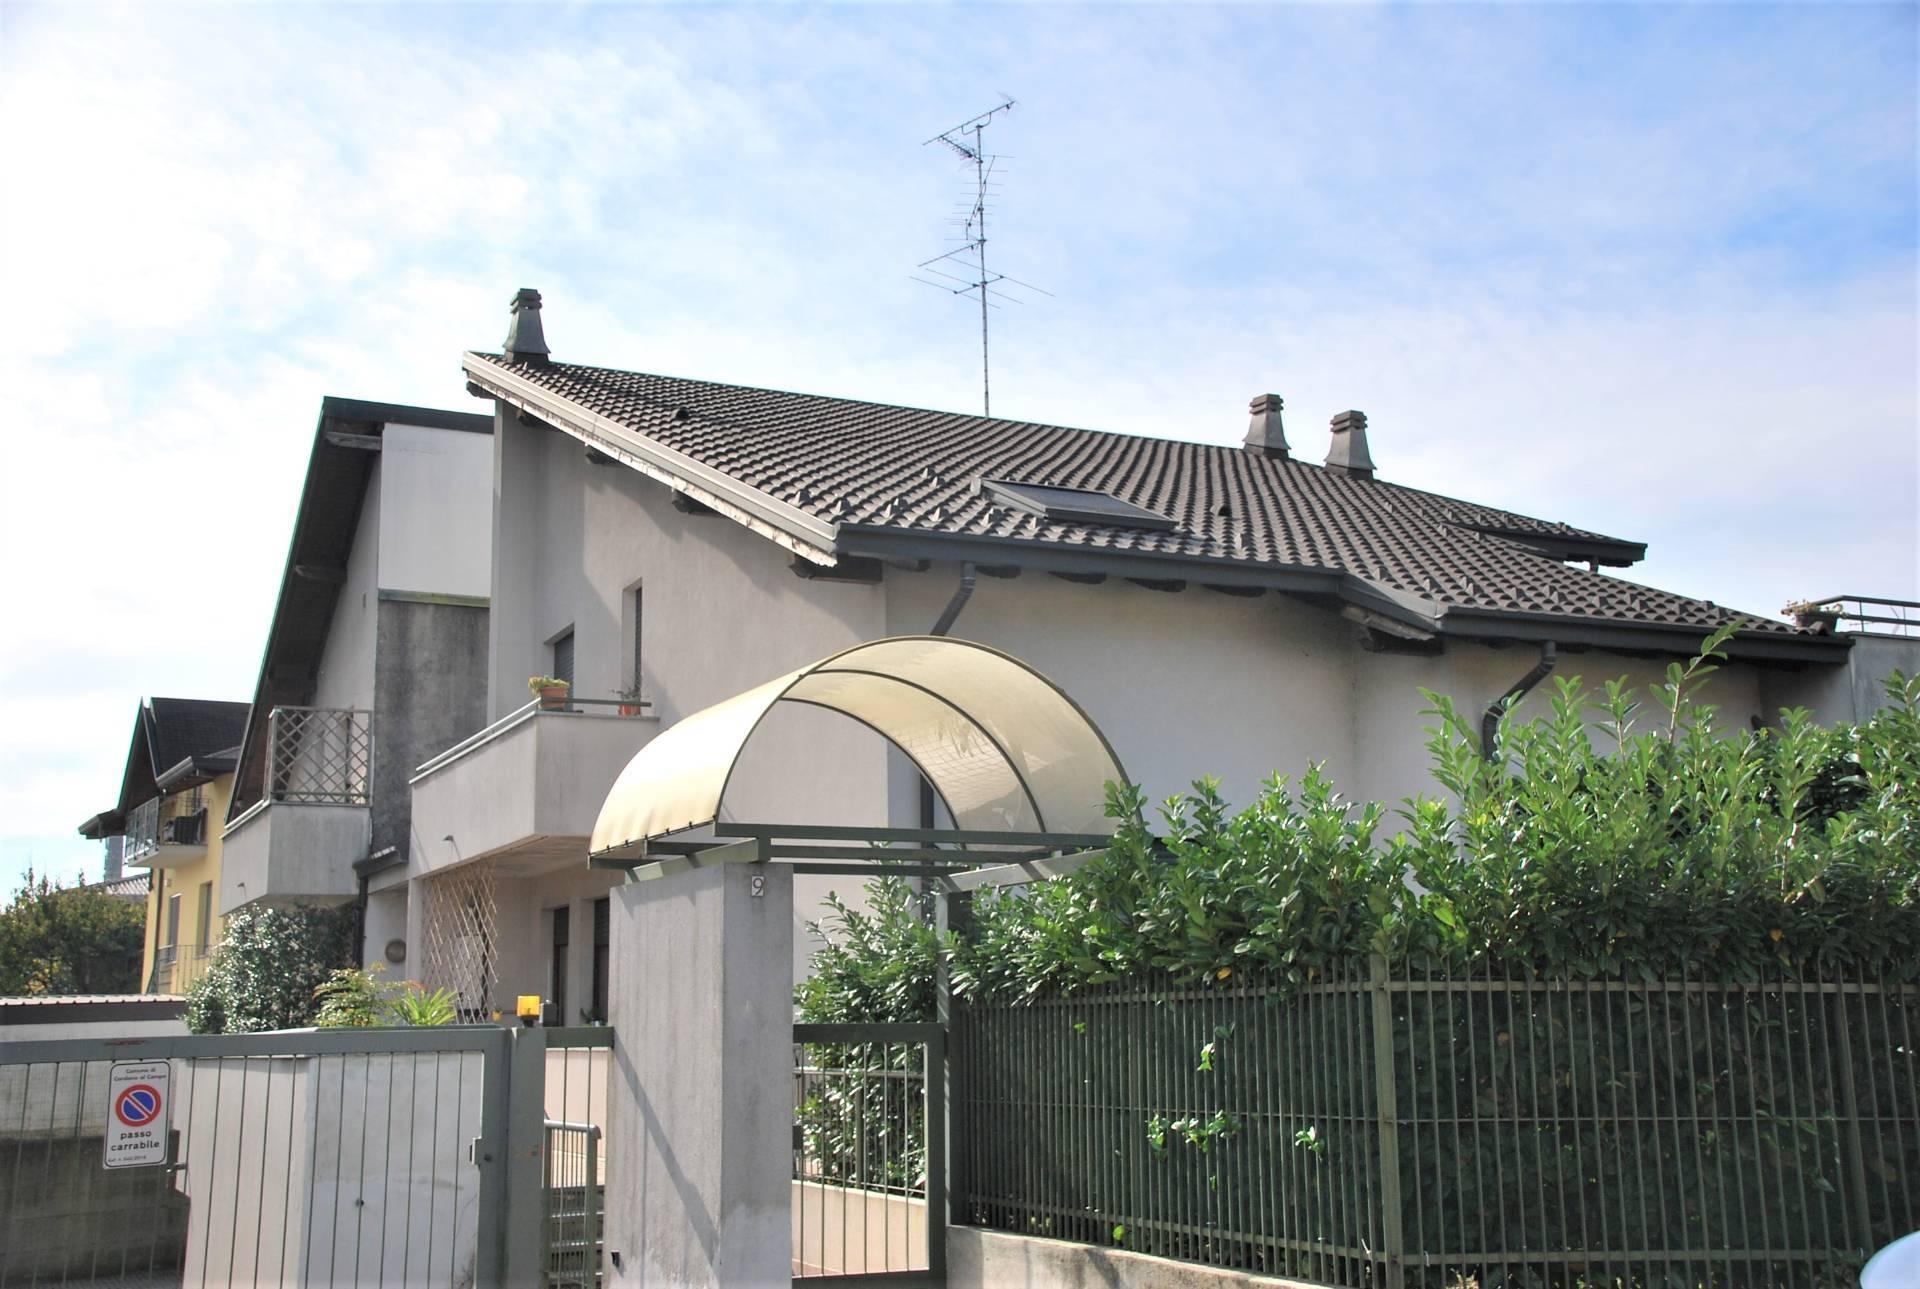 Appartamento in vendita a Cardano al Campo, 4 locali, zona icino, prezzo € 139.000 | PortaleAgenzieImmobiliari.it